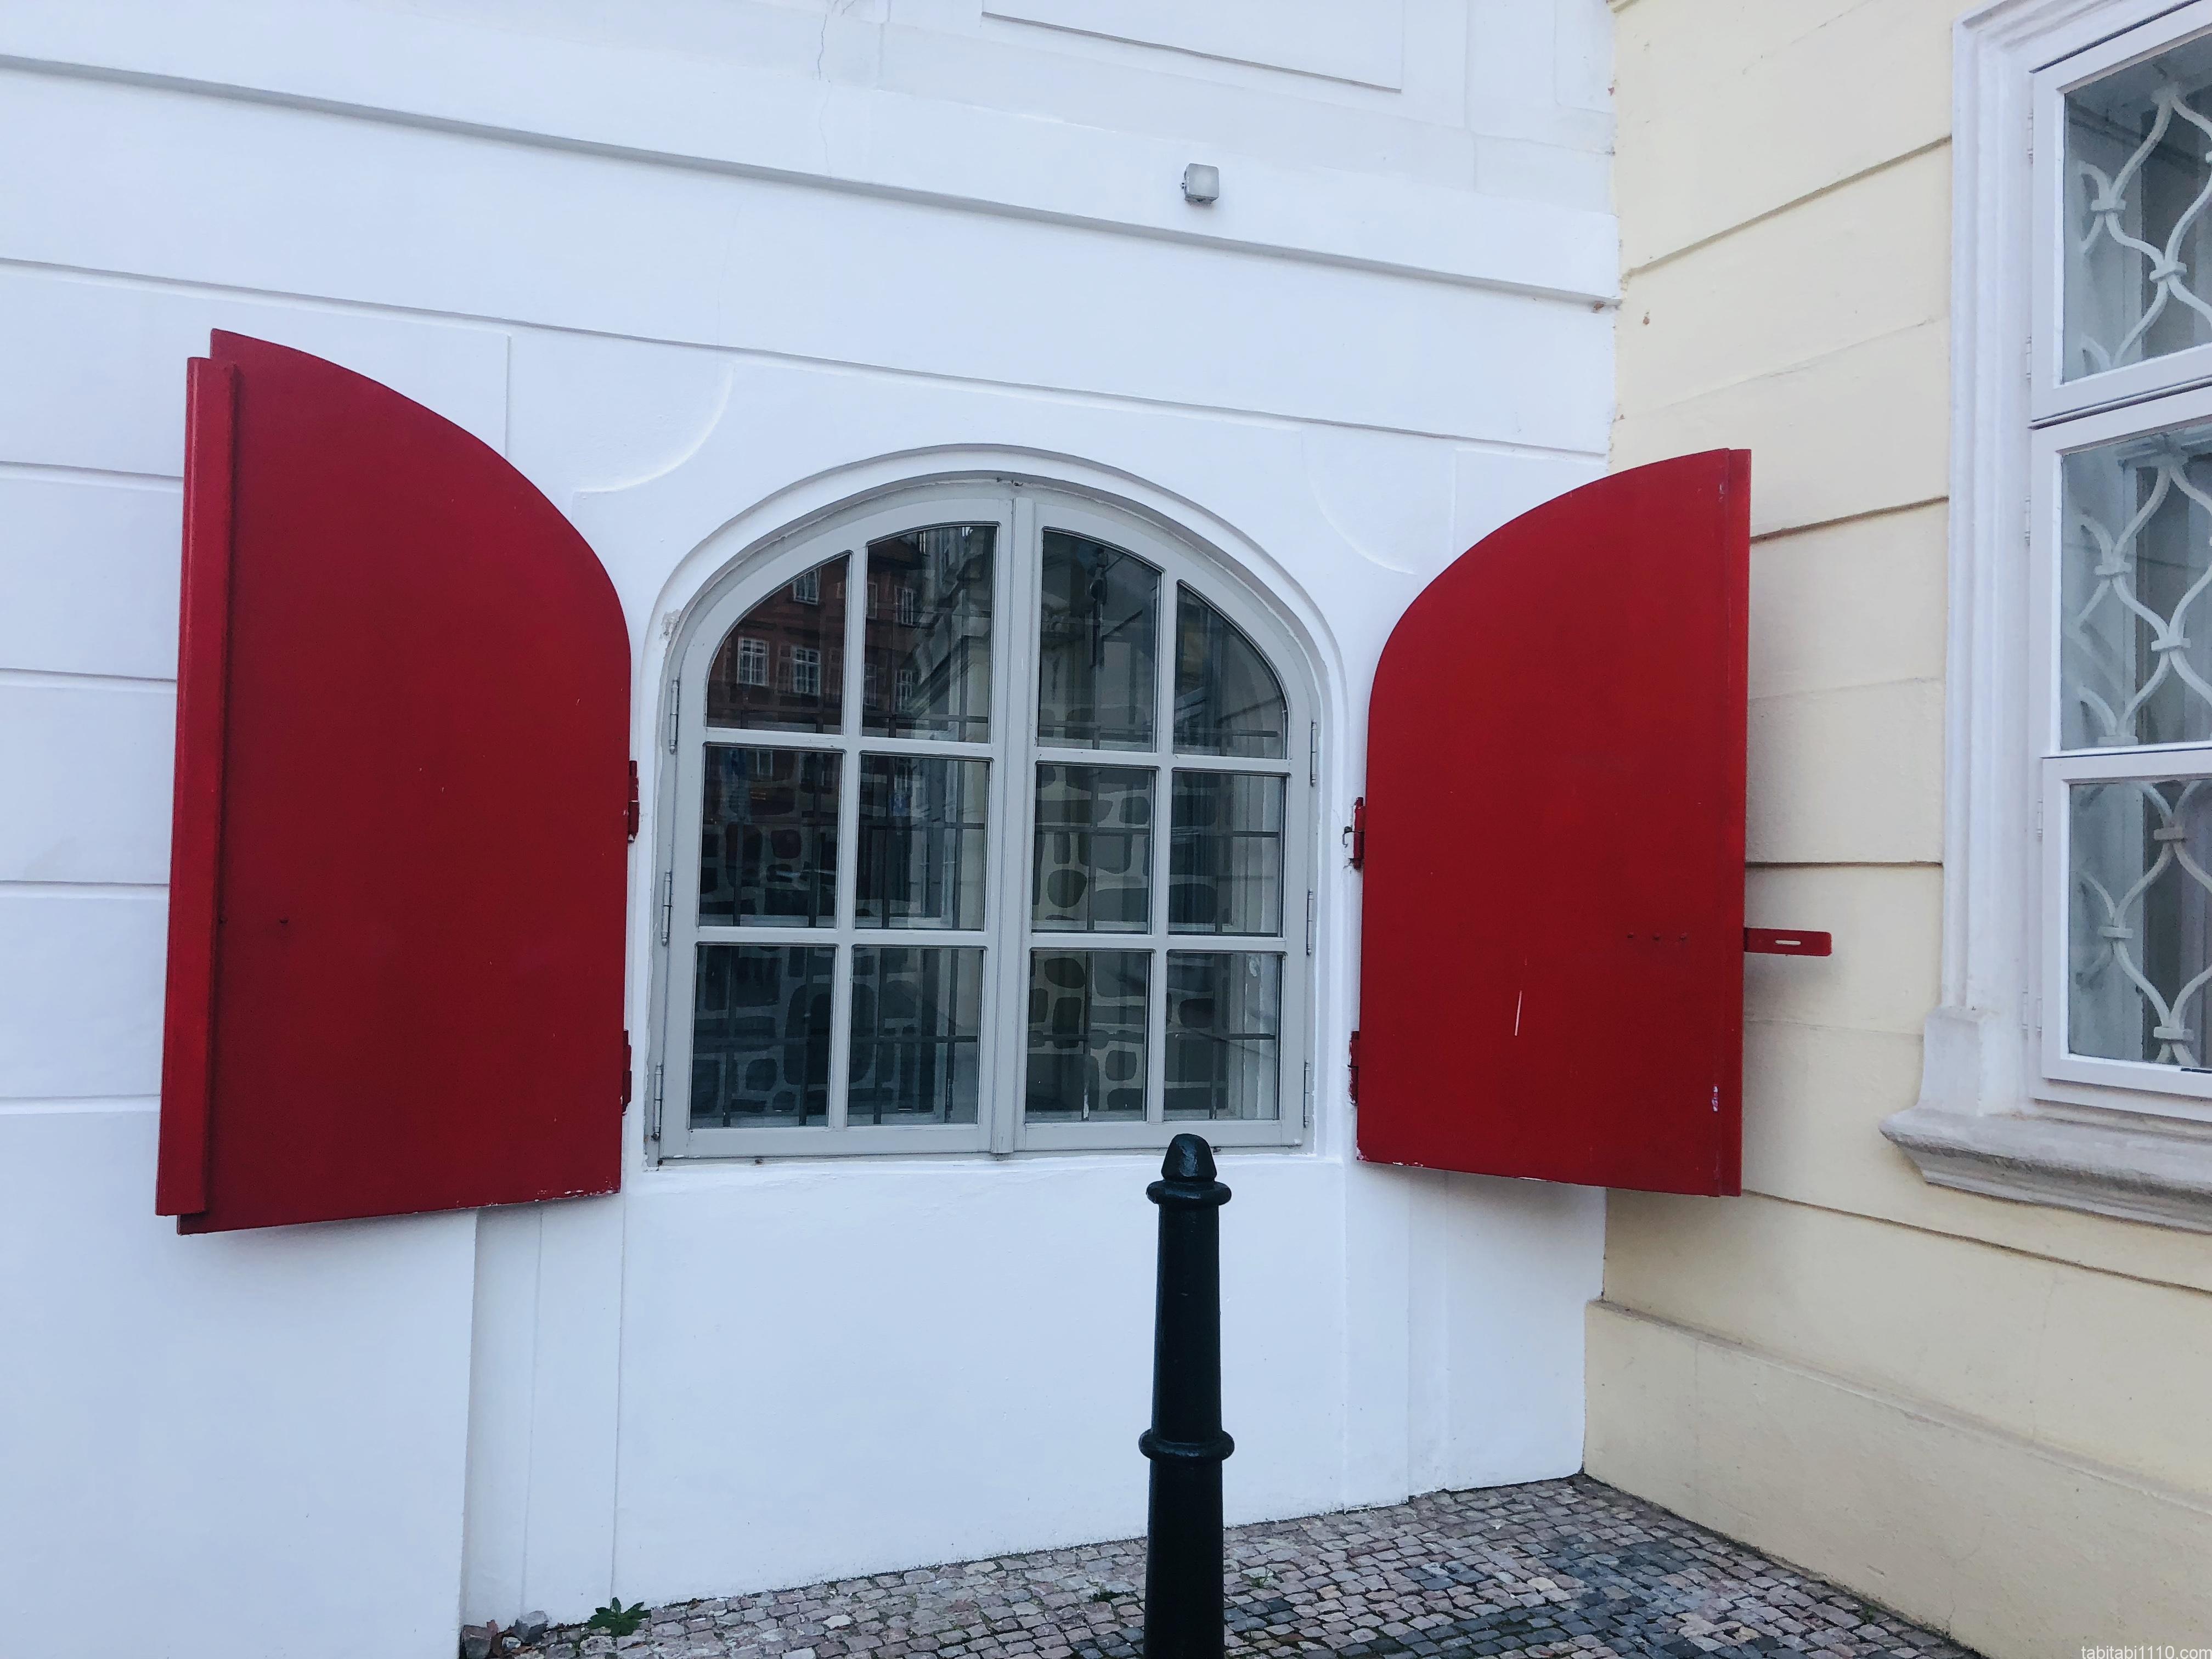 日本大使館の横にあった窓